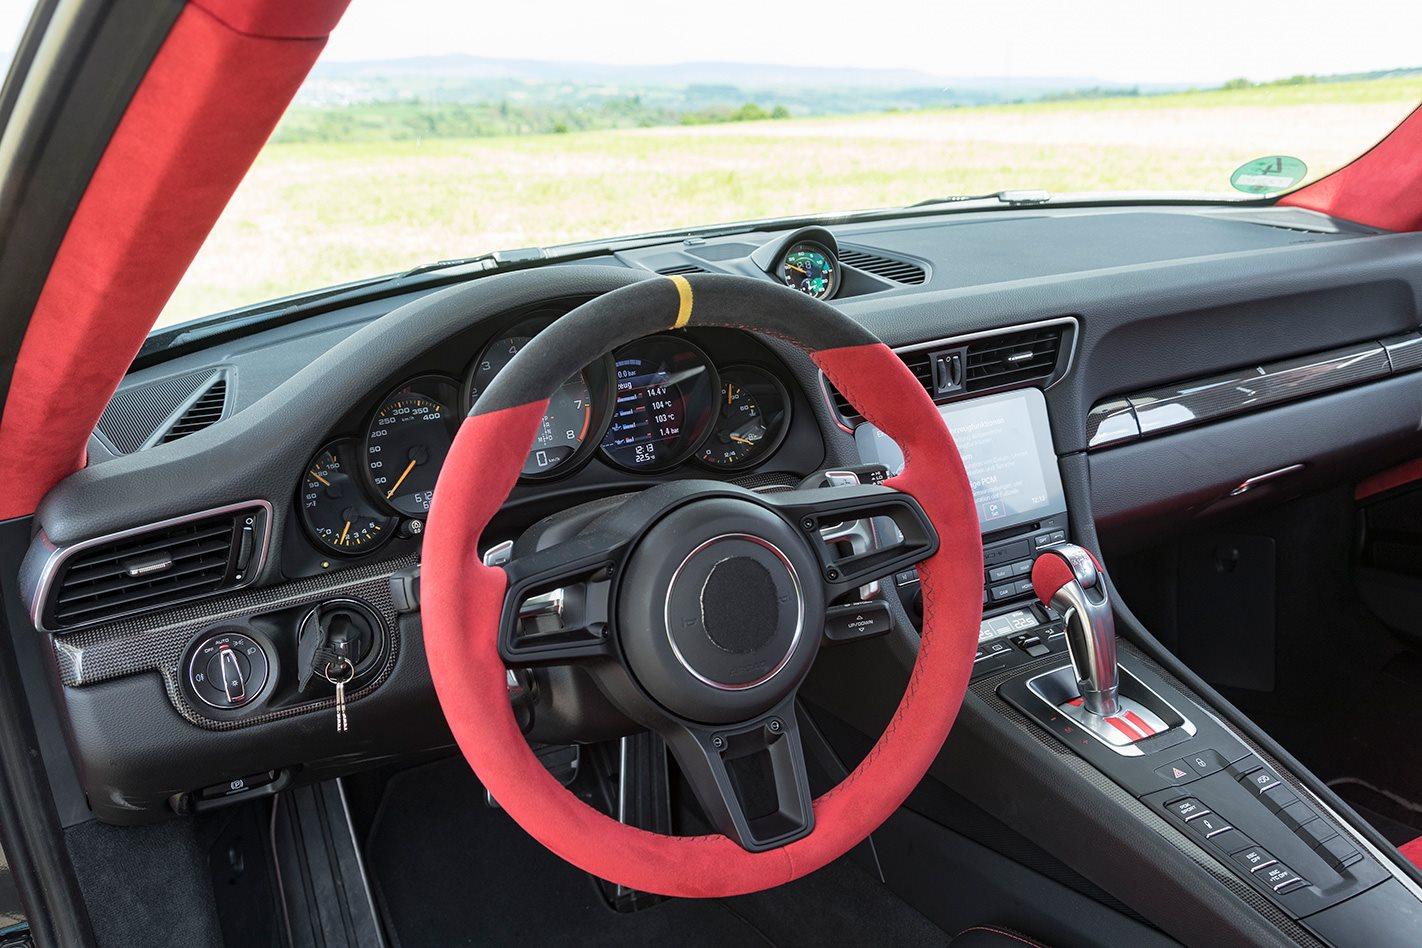 2018 Porsche 911 GT2 RS steering wheel.jpg